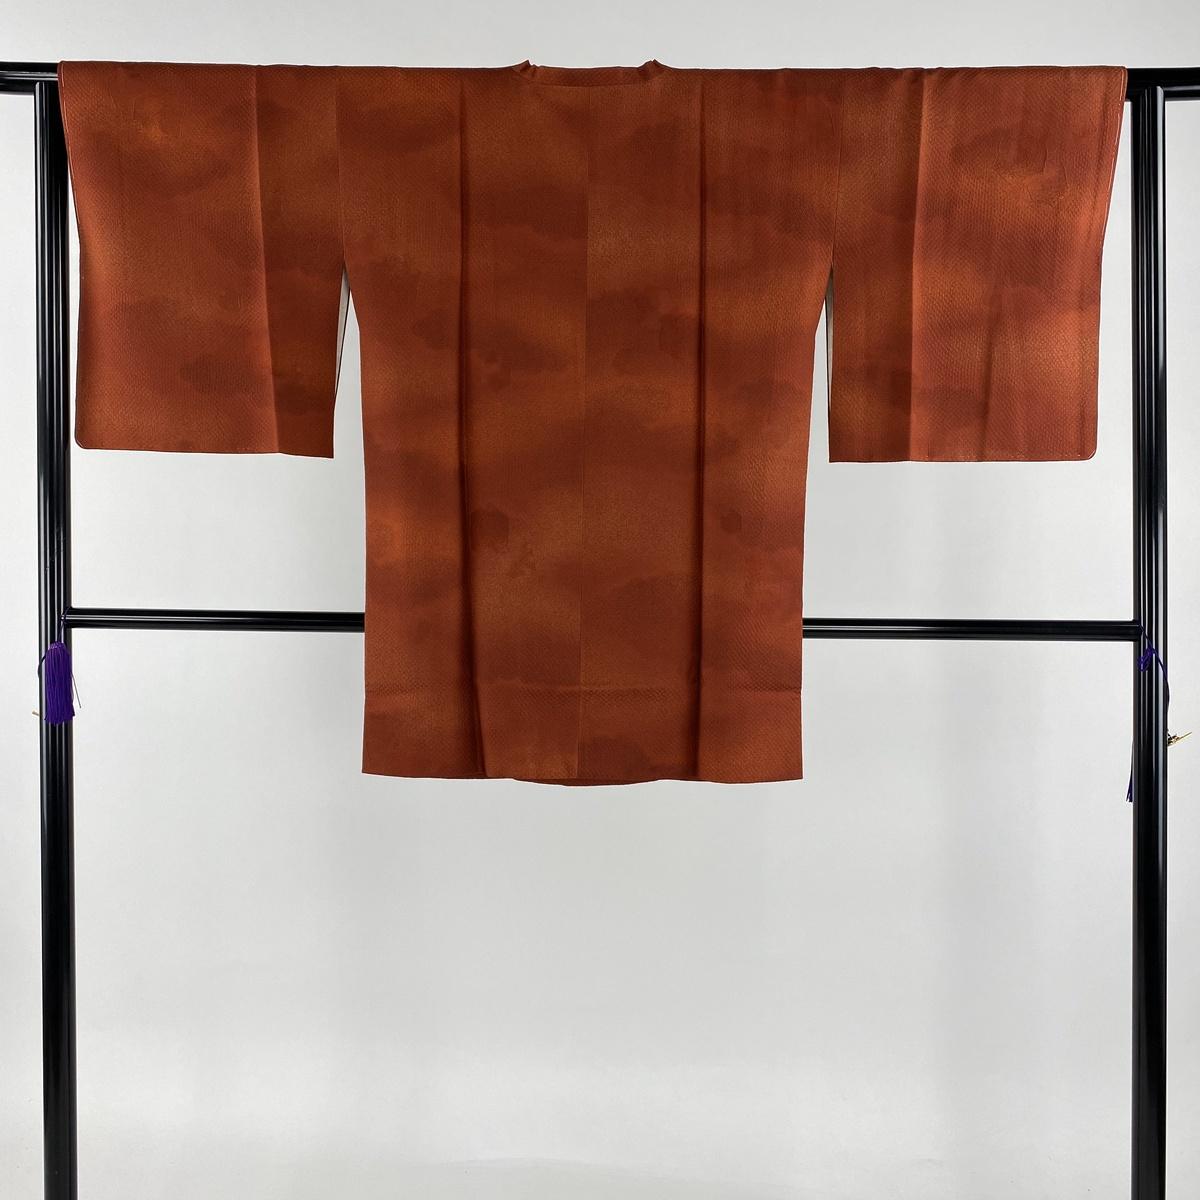 道行 美品 秀品 和装コート 草木染 地紋 ぼかし 赤茶 身丈85cm 裄丈63.5cm S 正絹 【中古】